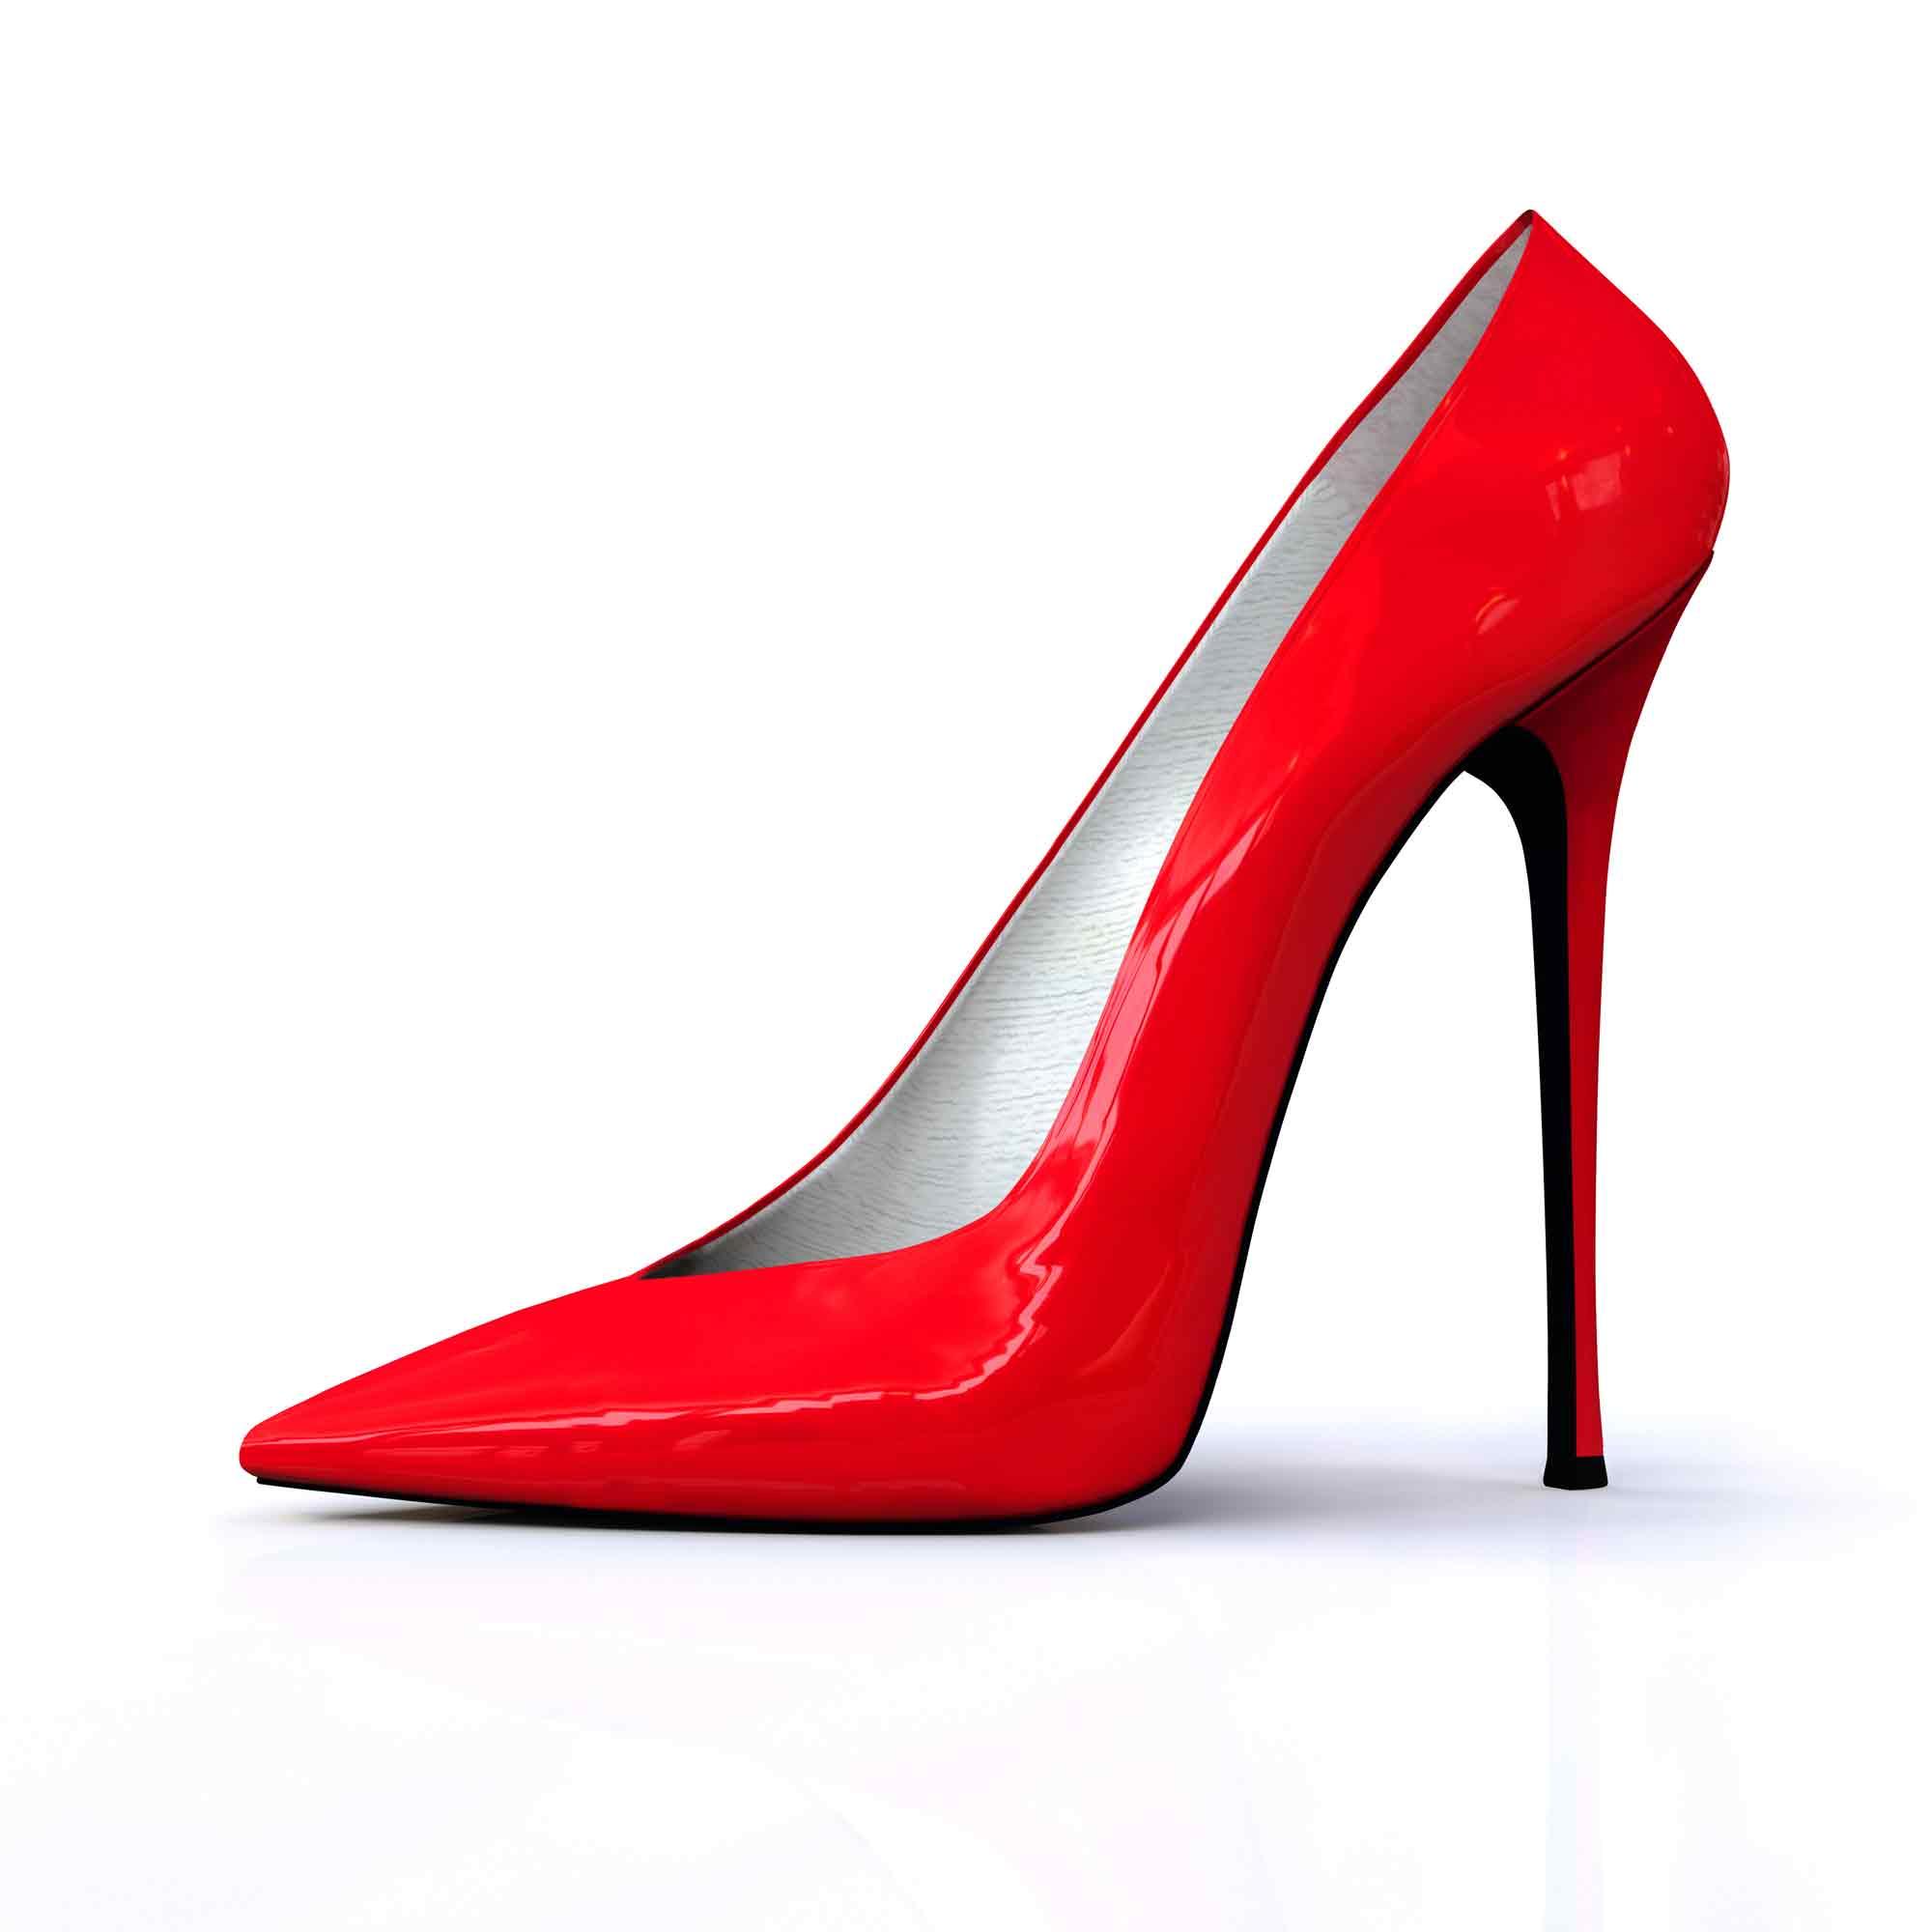 Sapato de salto alto e a saúde dos pés